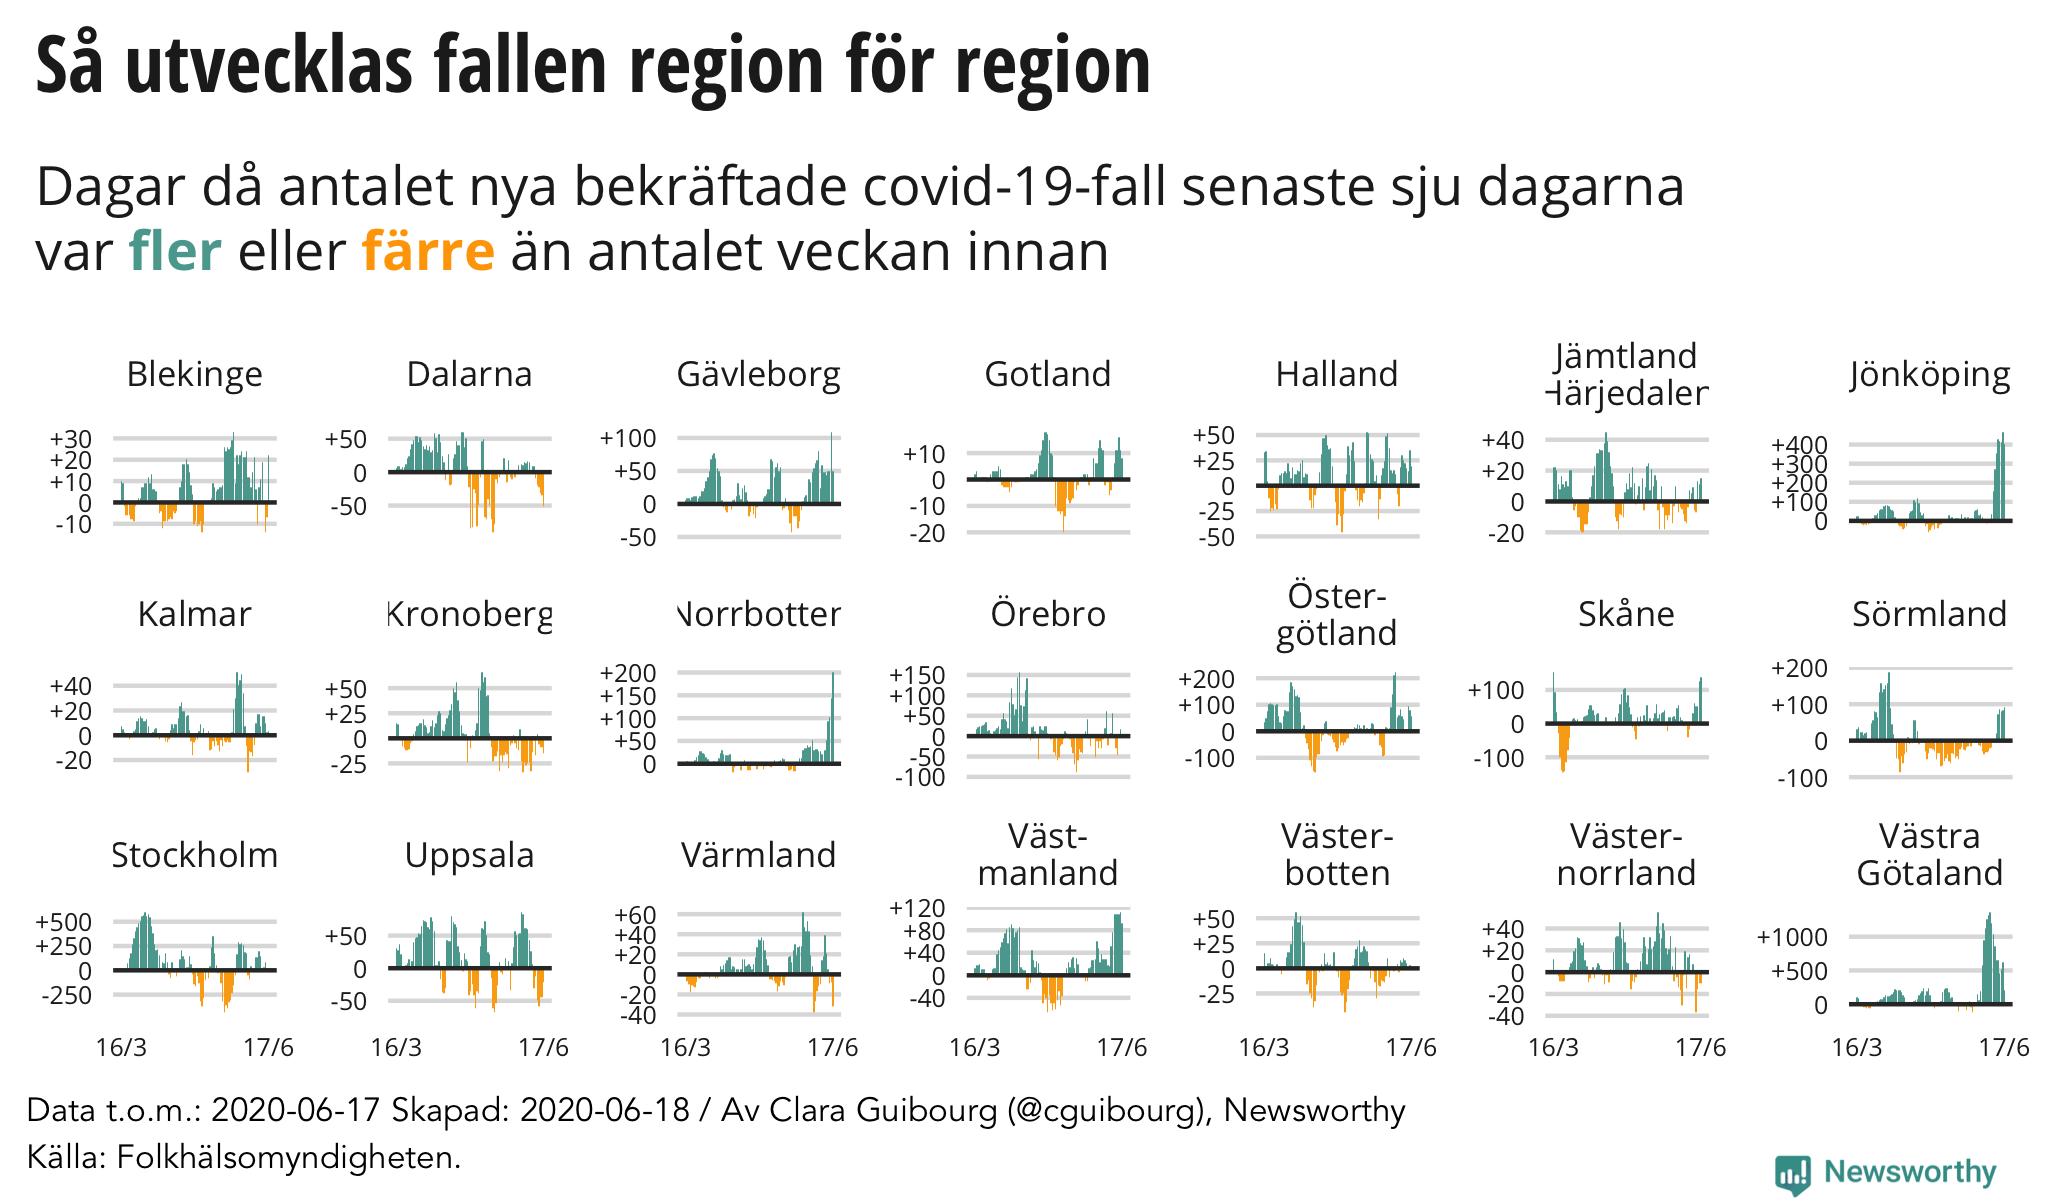 Så ökar/minskar antalet nya bekräftade fall per region